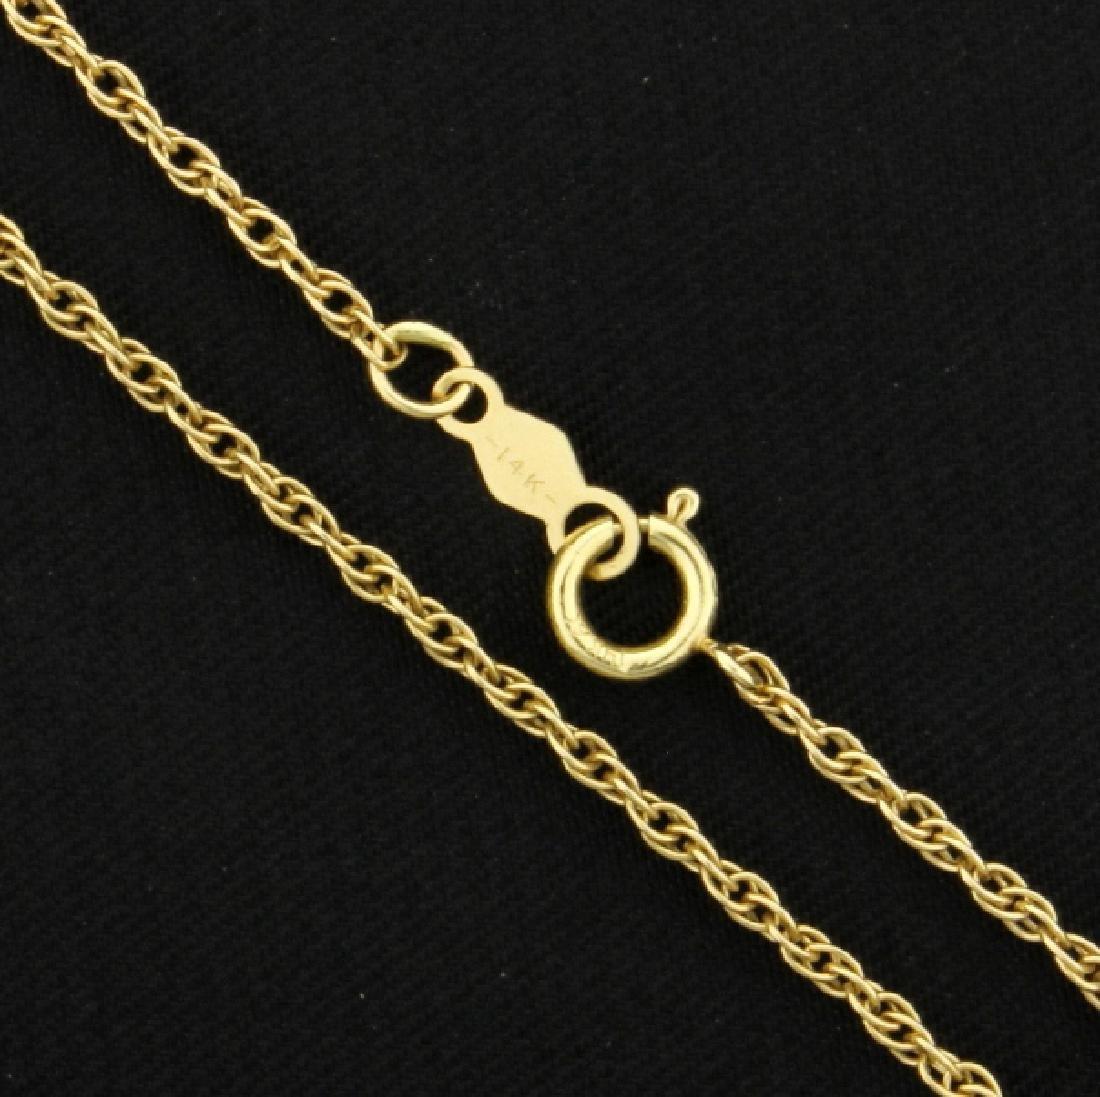 24 1/2 Inch Neck Chain - 2